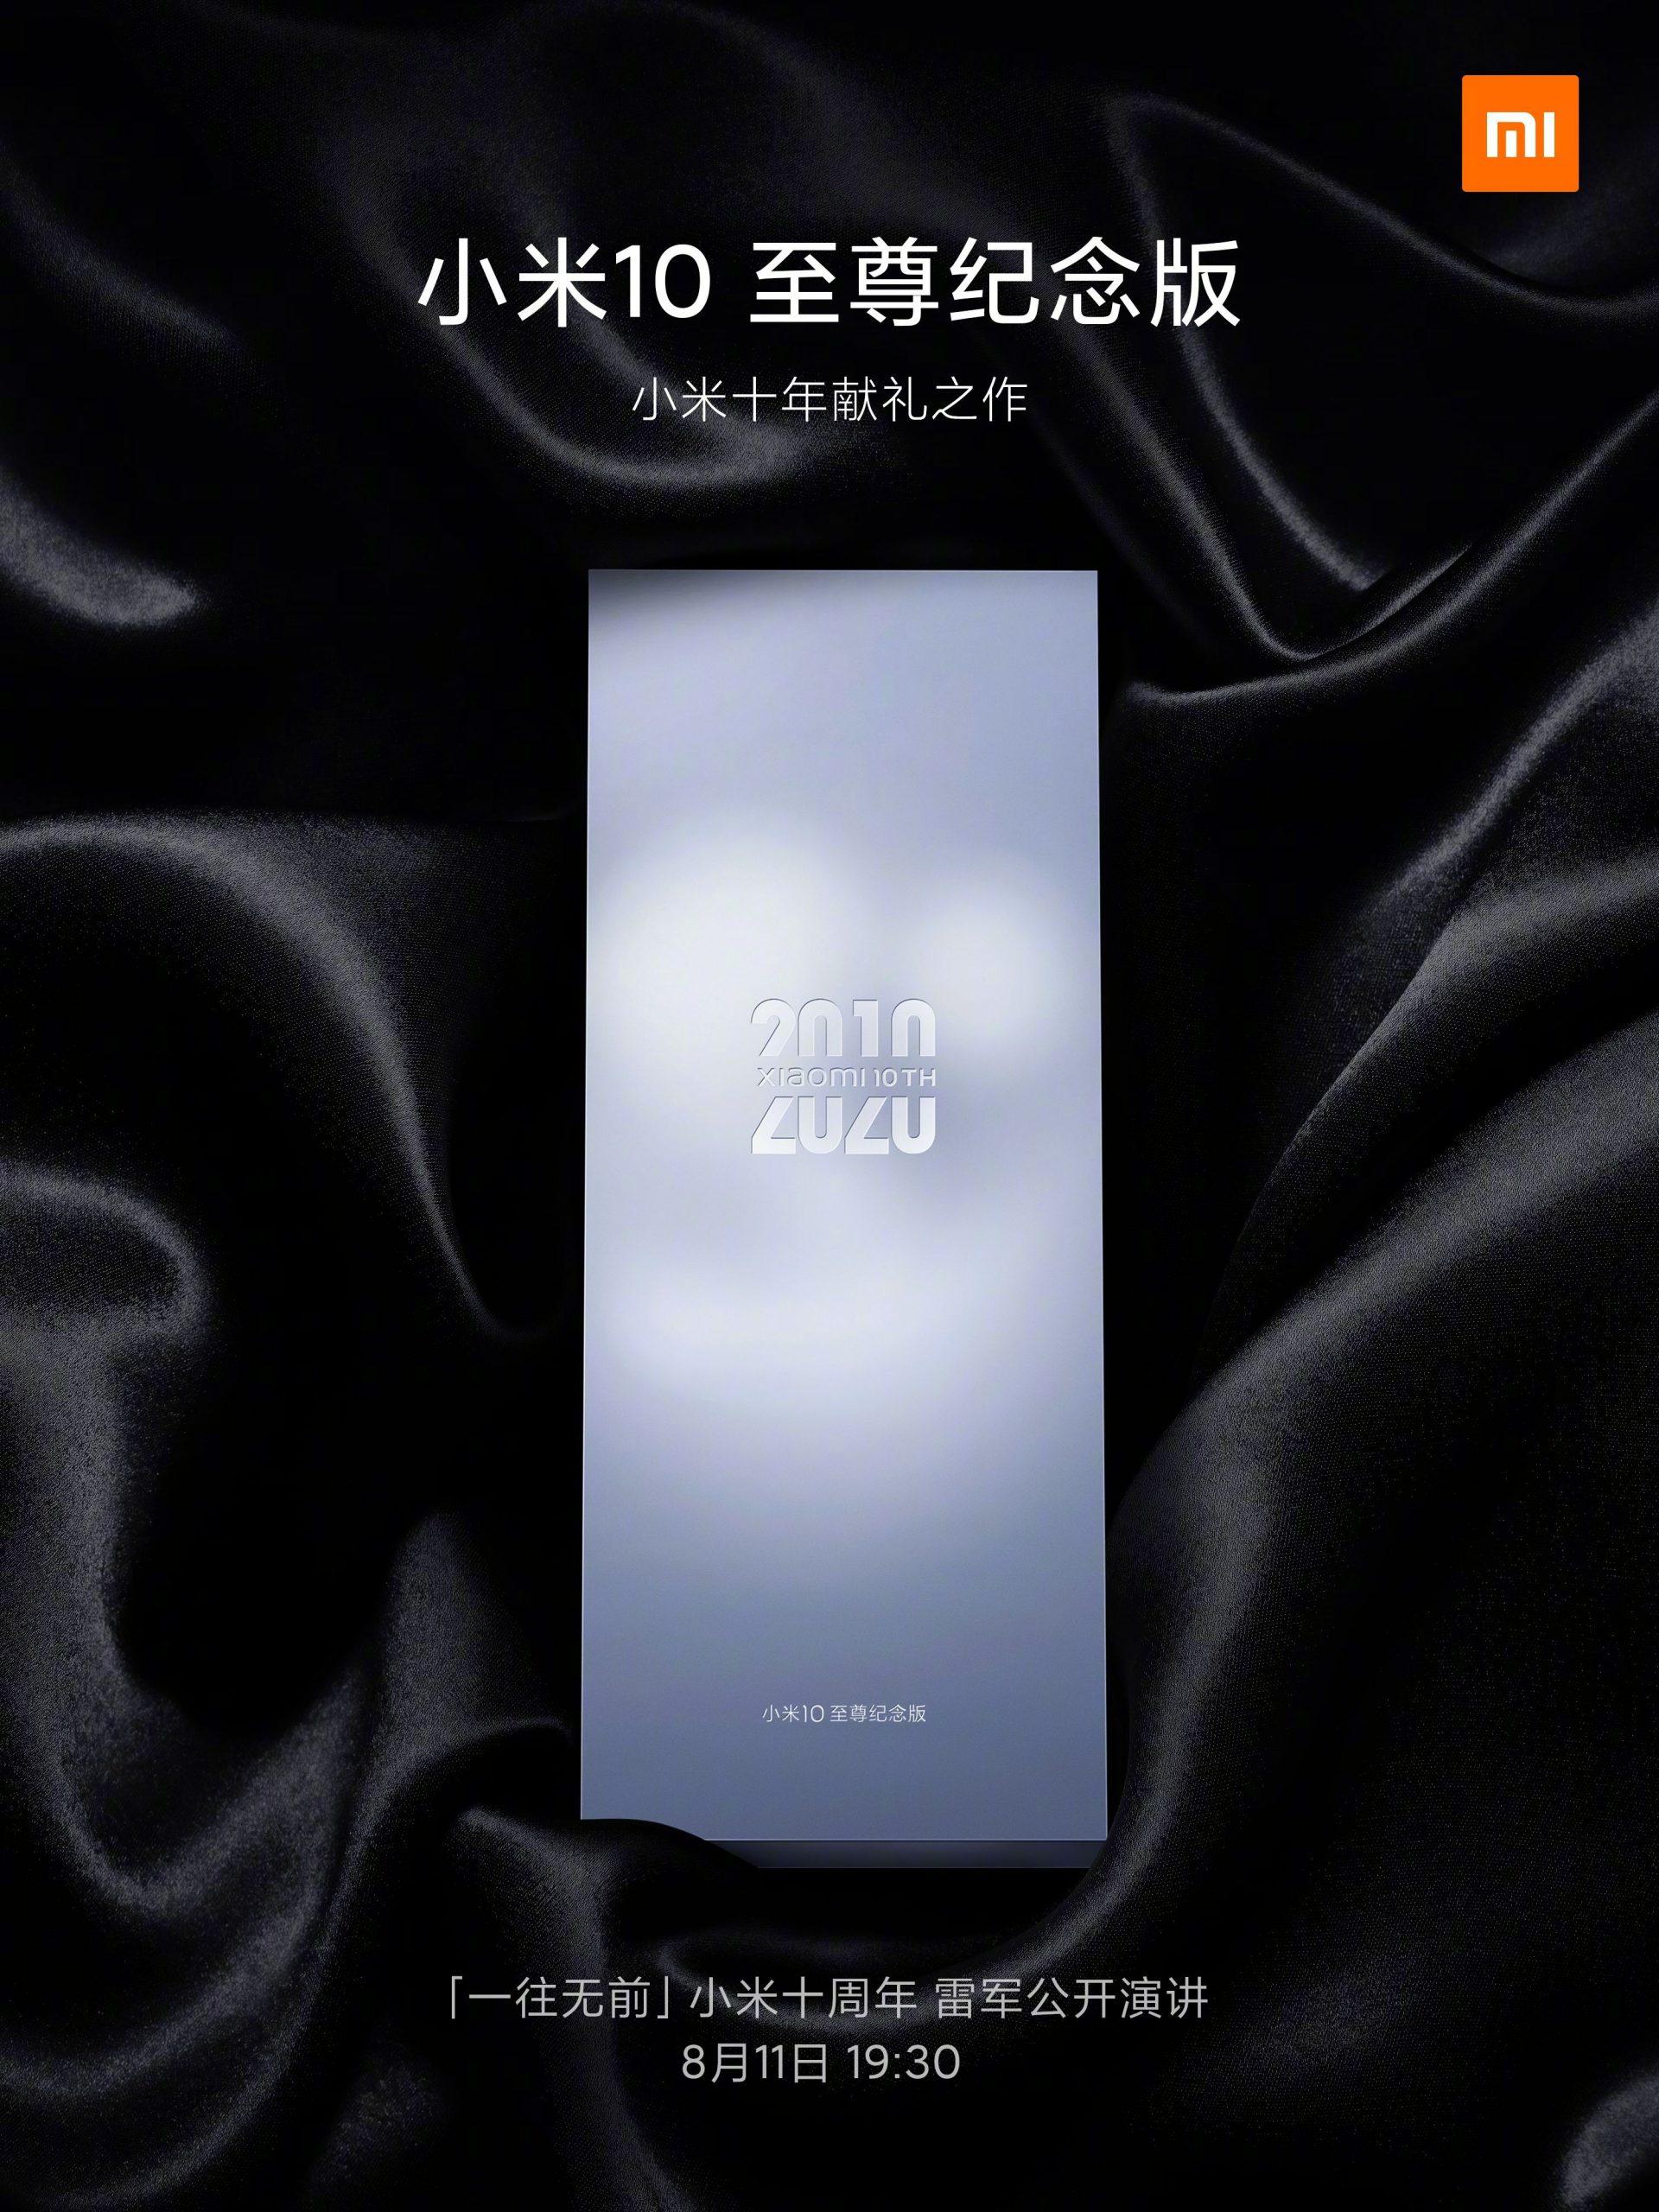 Xiaomi Mi 10 Extreme, así se llamará el nuevo buque insignia de Xiaomi. Noticias Xiaomi Adictos